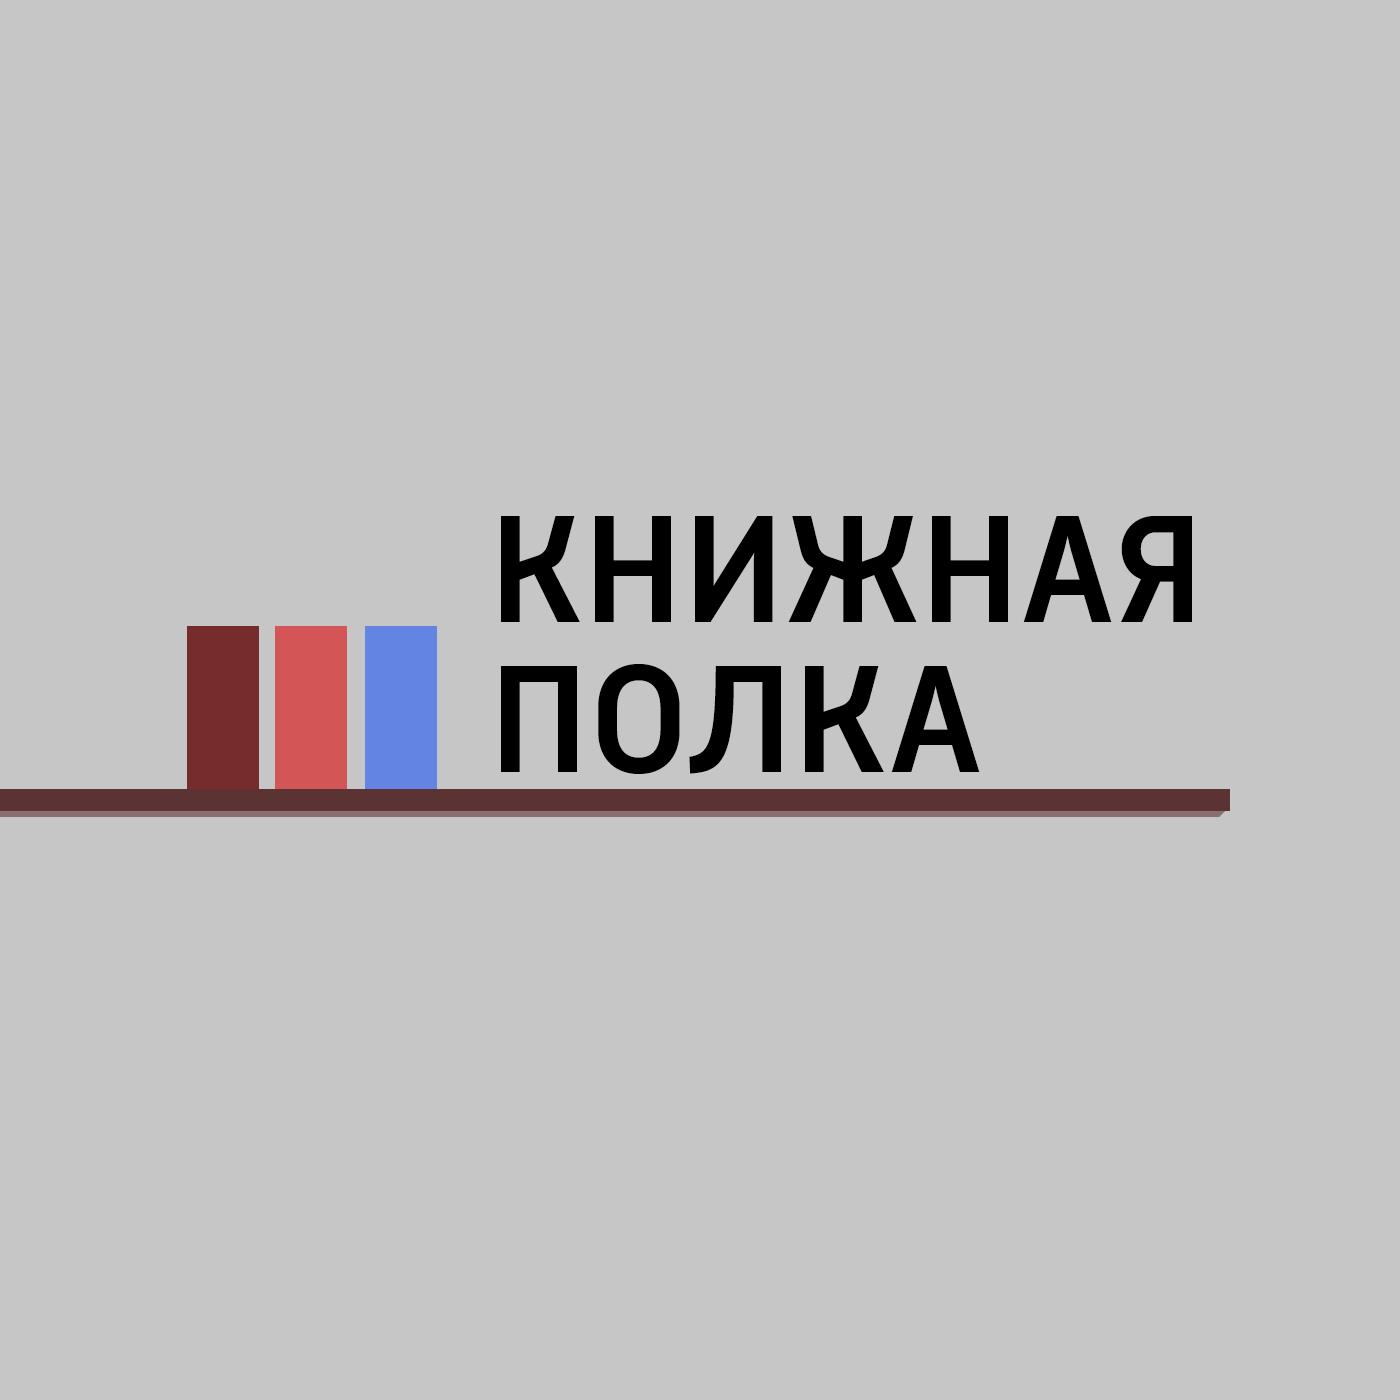 все цены на Маргарита Митрофанова Книги про любовь онлайн